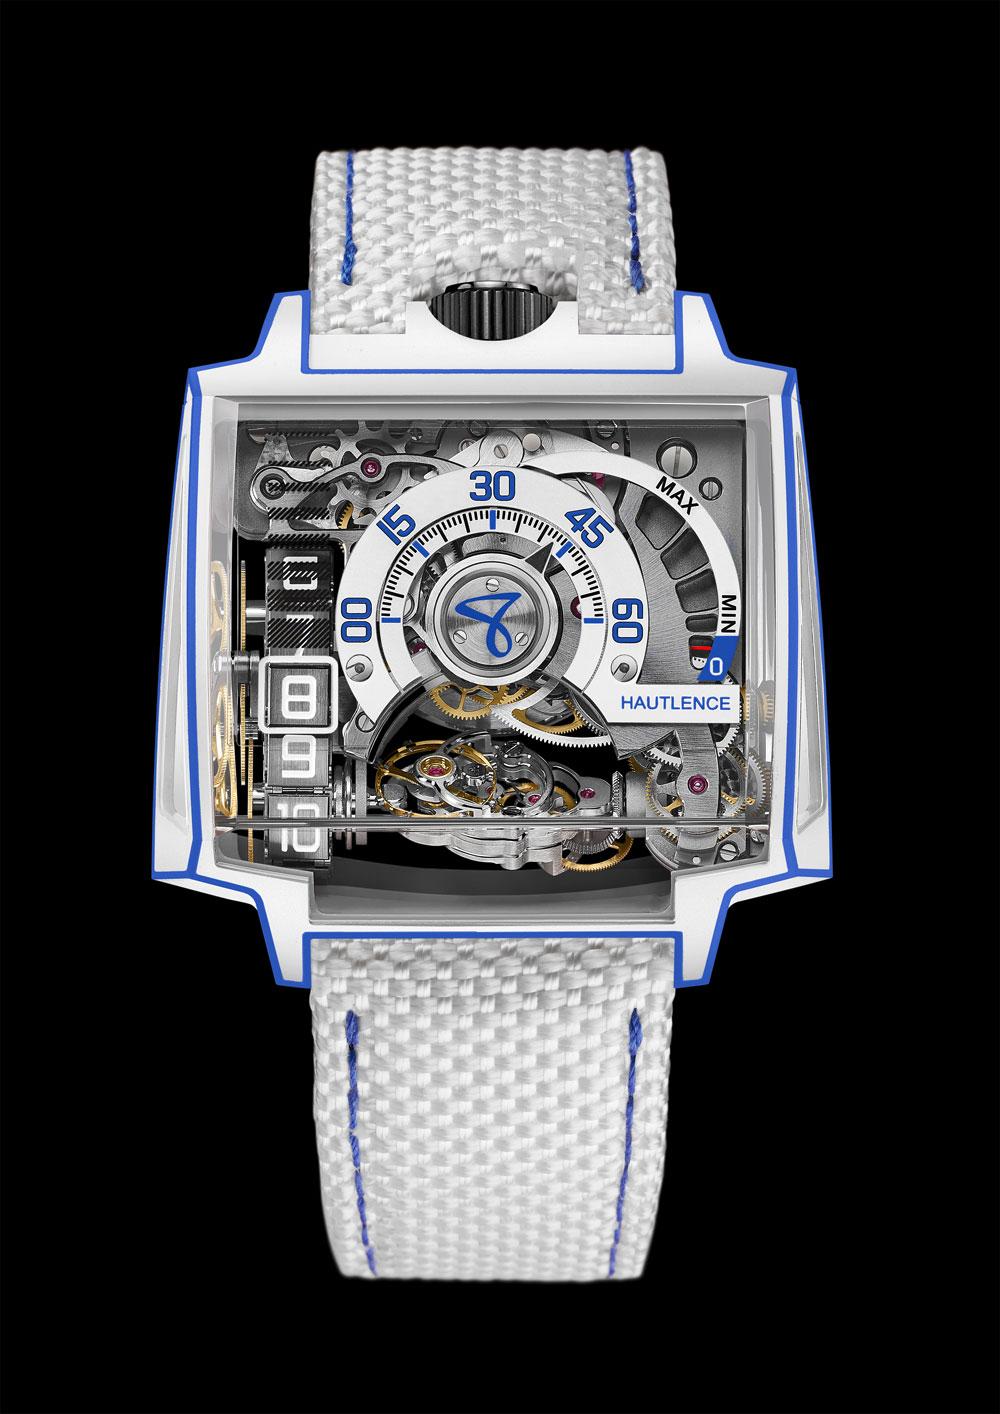 Reloj Vortex Gamma Tron de Hautlance